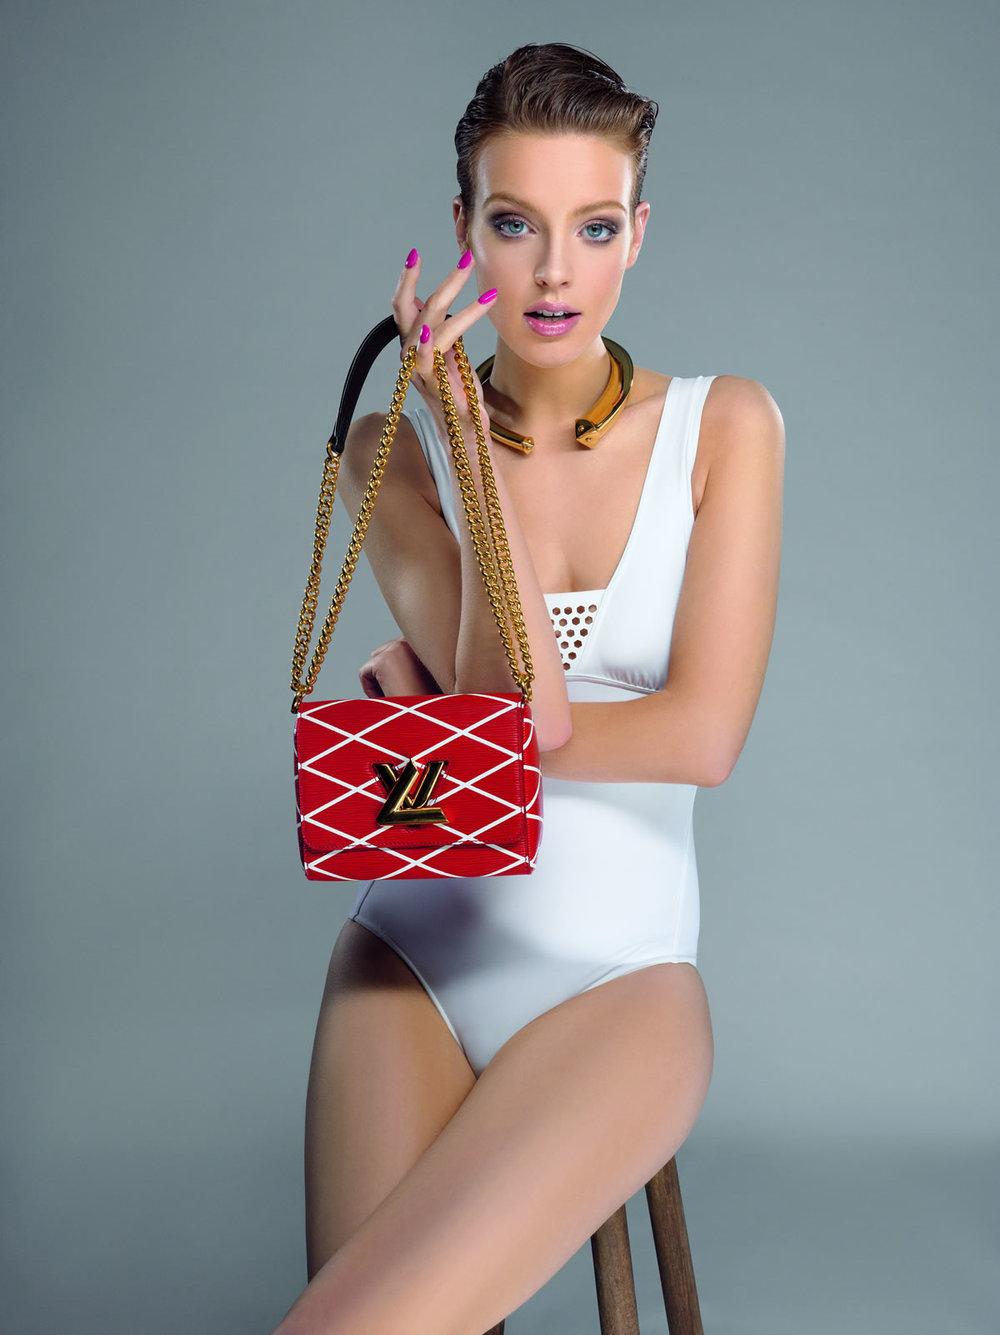 Maillot de bain Eres Collier Trunk Louis Vuitton Sac Twist Malletage Rouge/Blanc Louis Vuitton